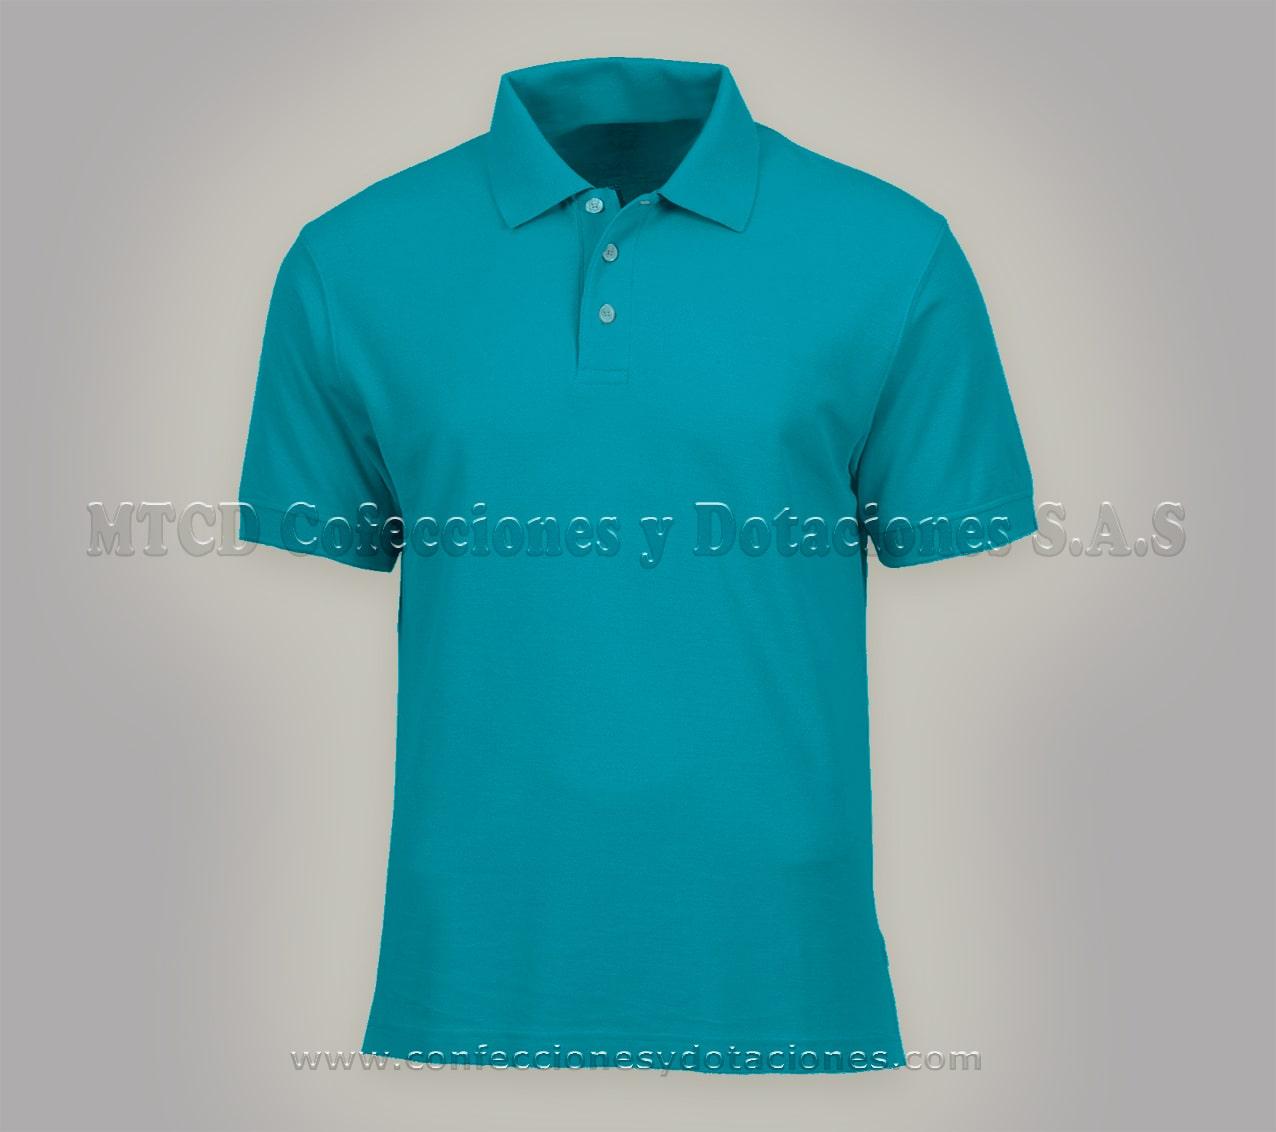 Fabrica de camisas polo